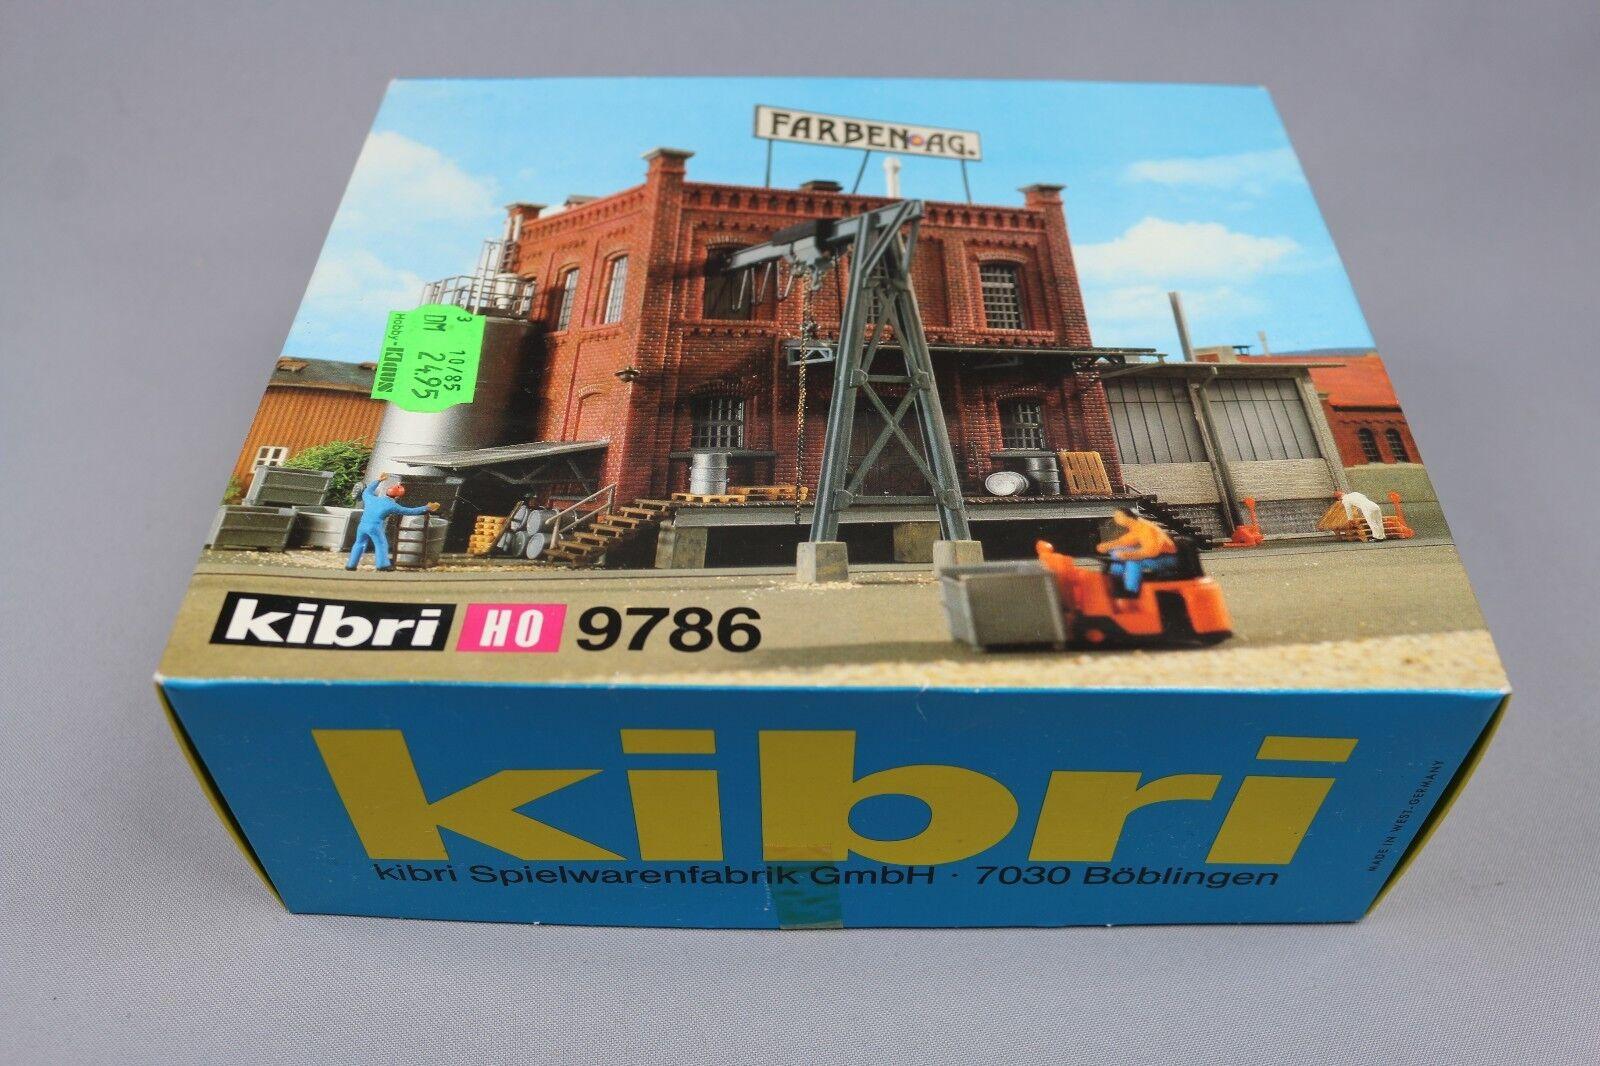 KIBRI 26266-h0 ligne aérienne architecte terminé modèle-NEUF